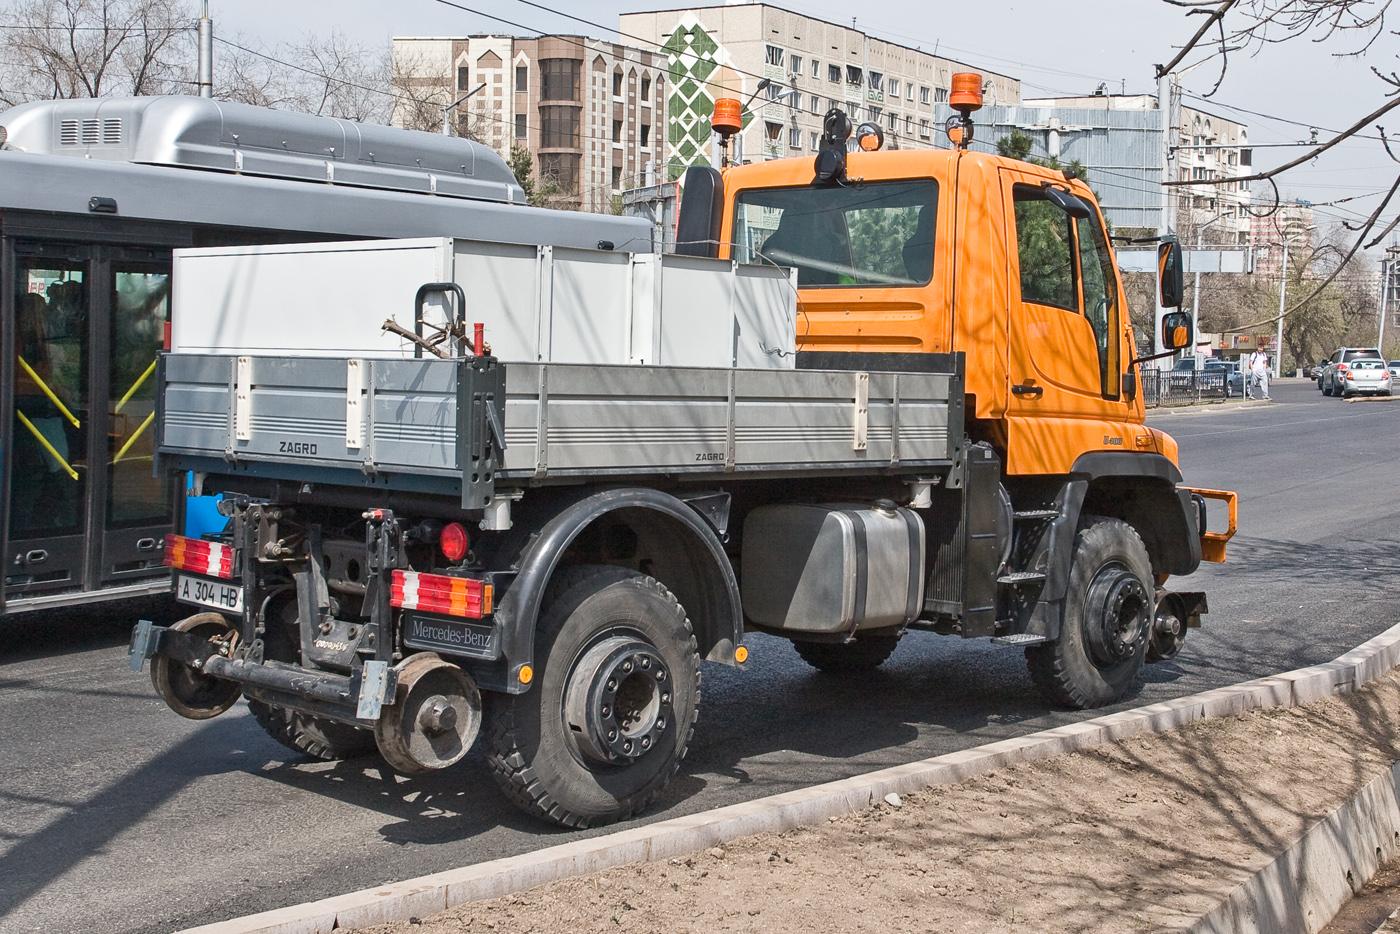 Локомобиль на базе Mercedes-Benz Unimog U400. Алматы, проспект Абая